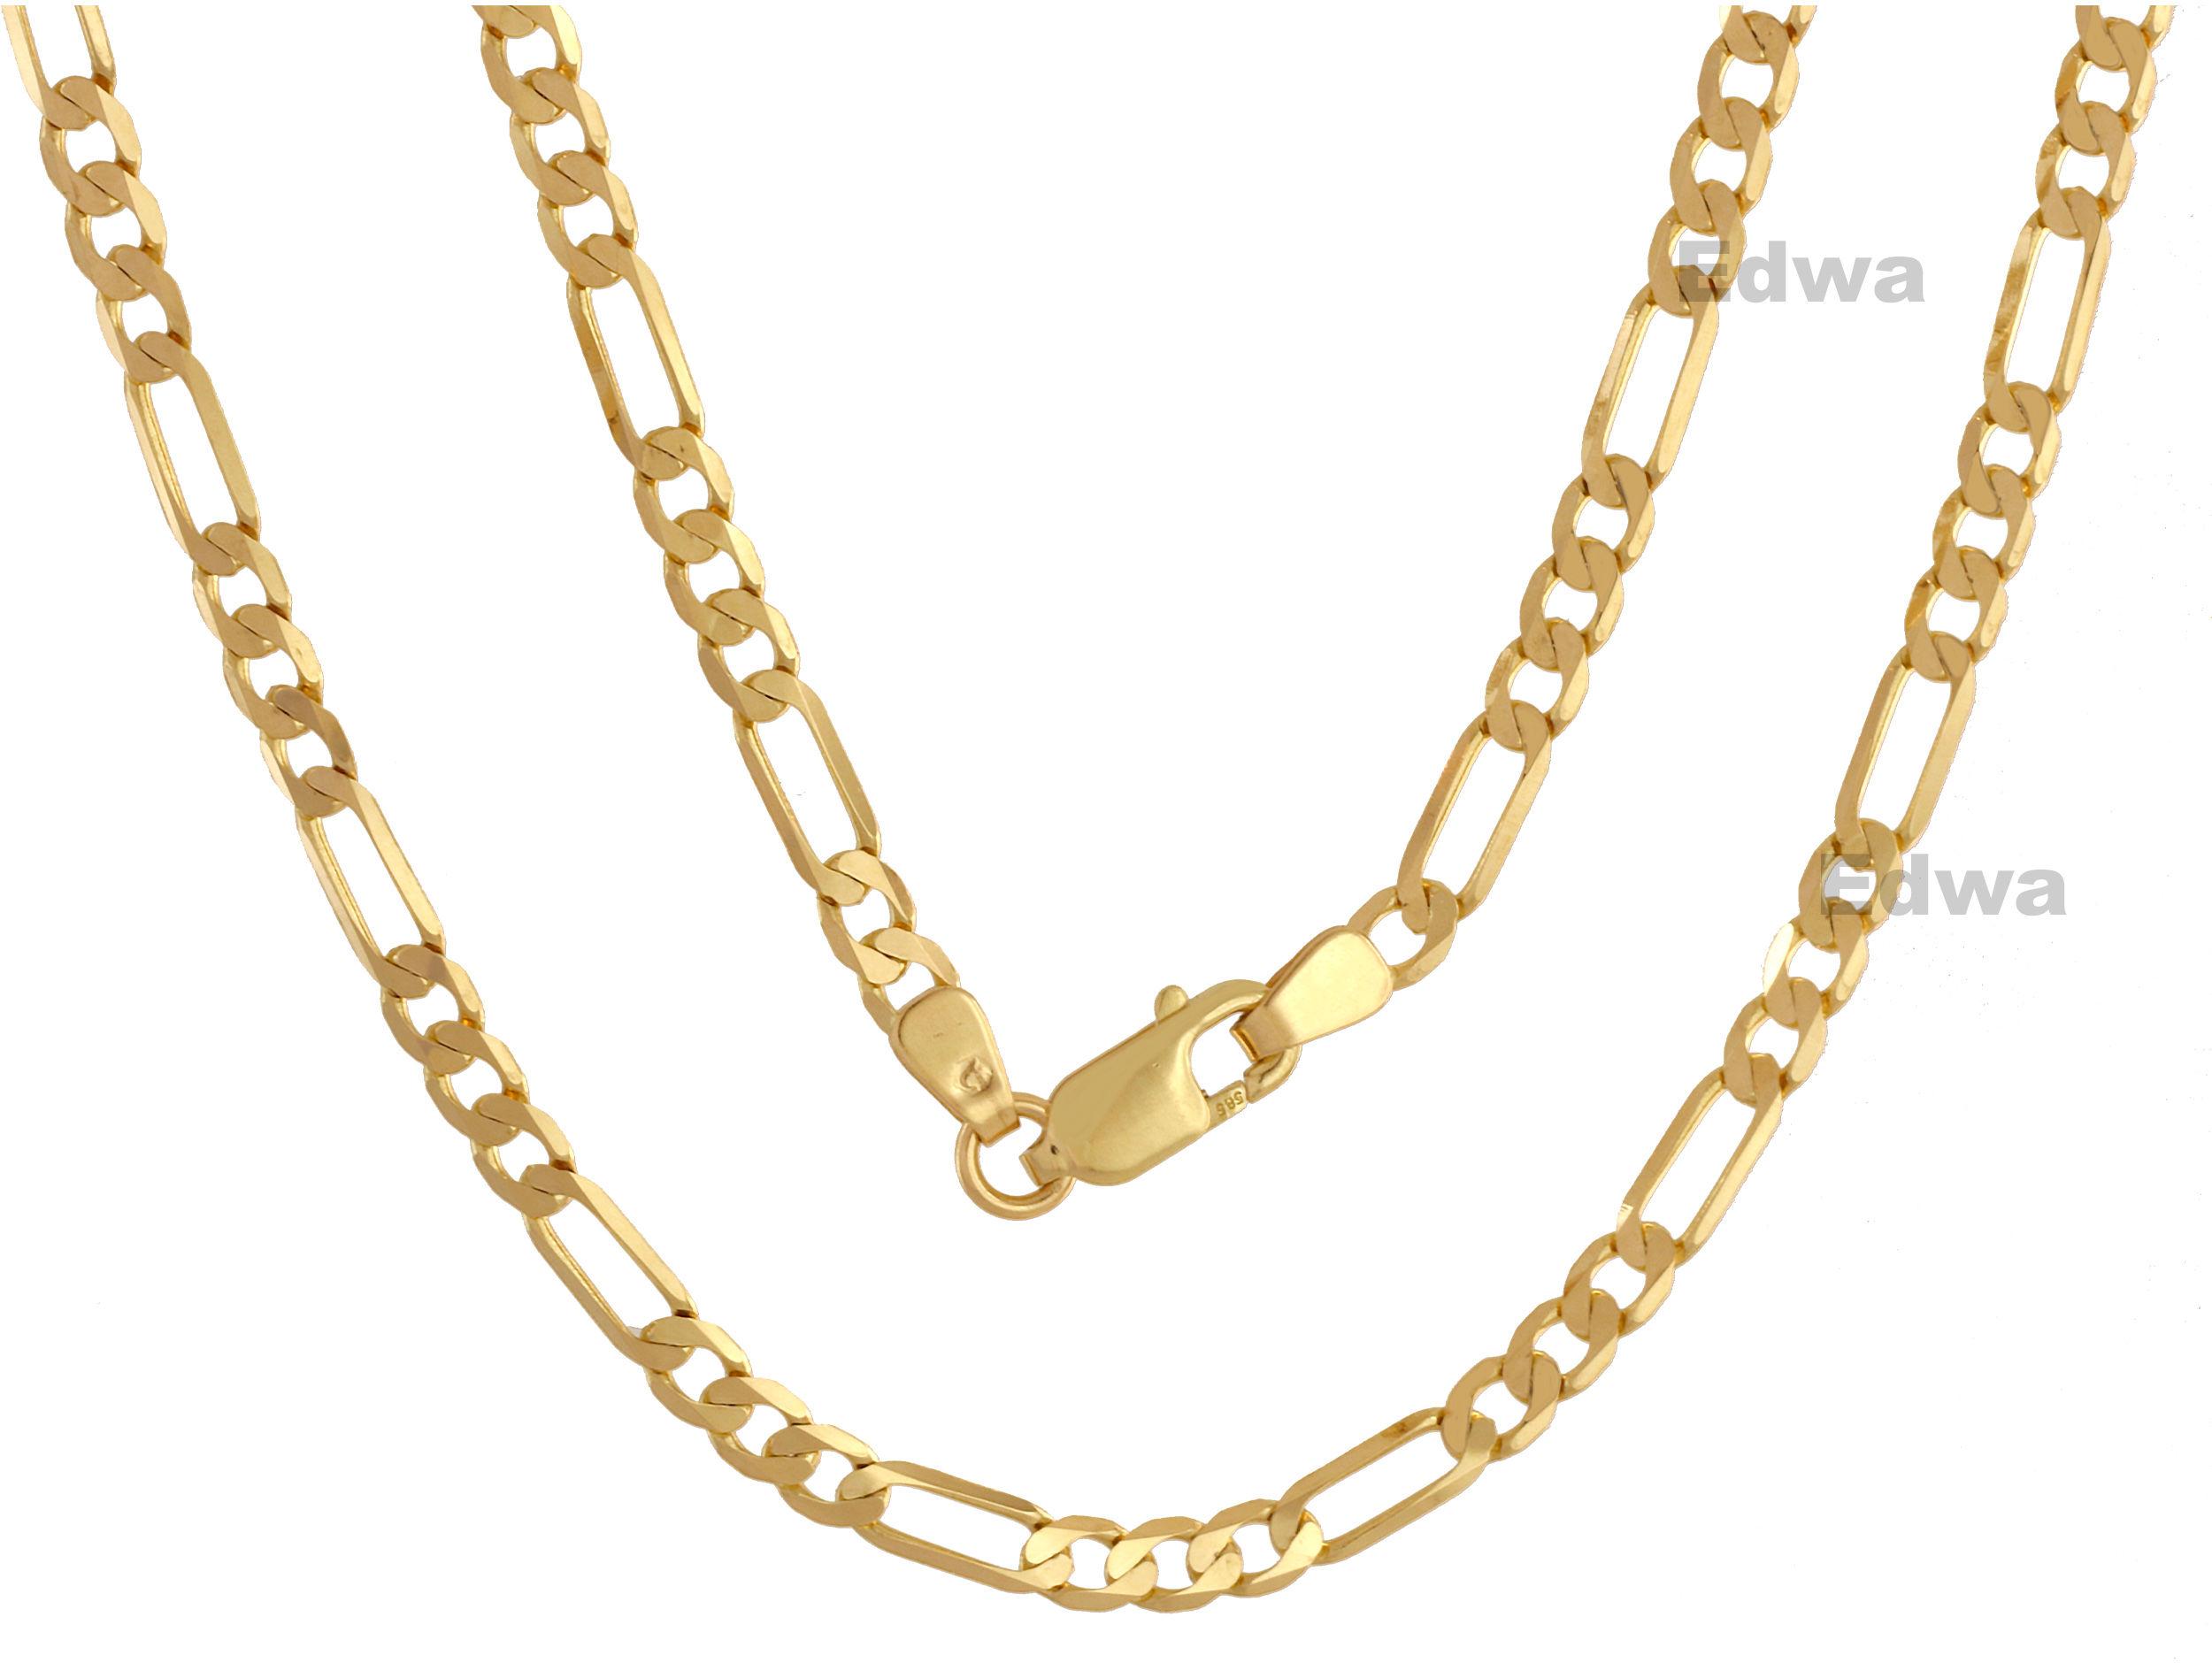 Łańcuszek złoty Figaro pr.585. 50 cm